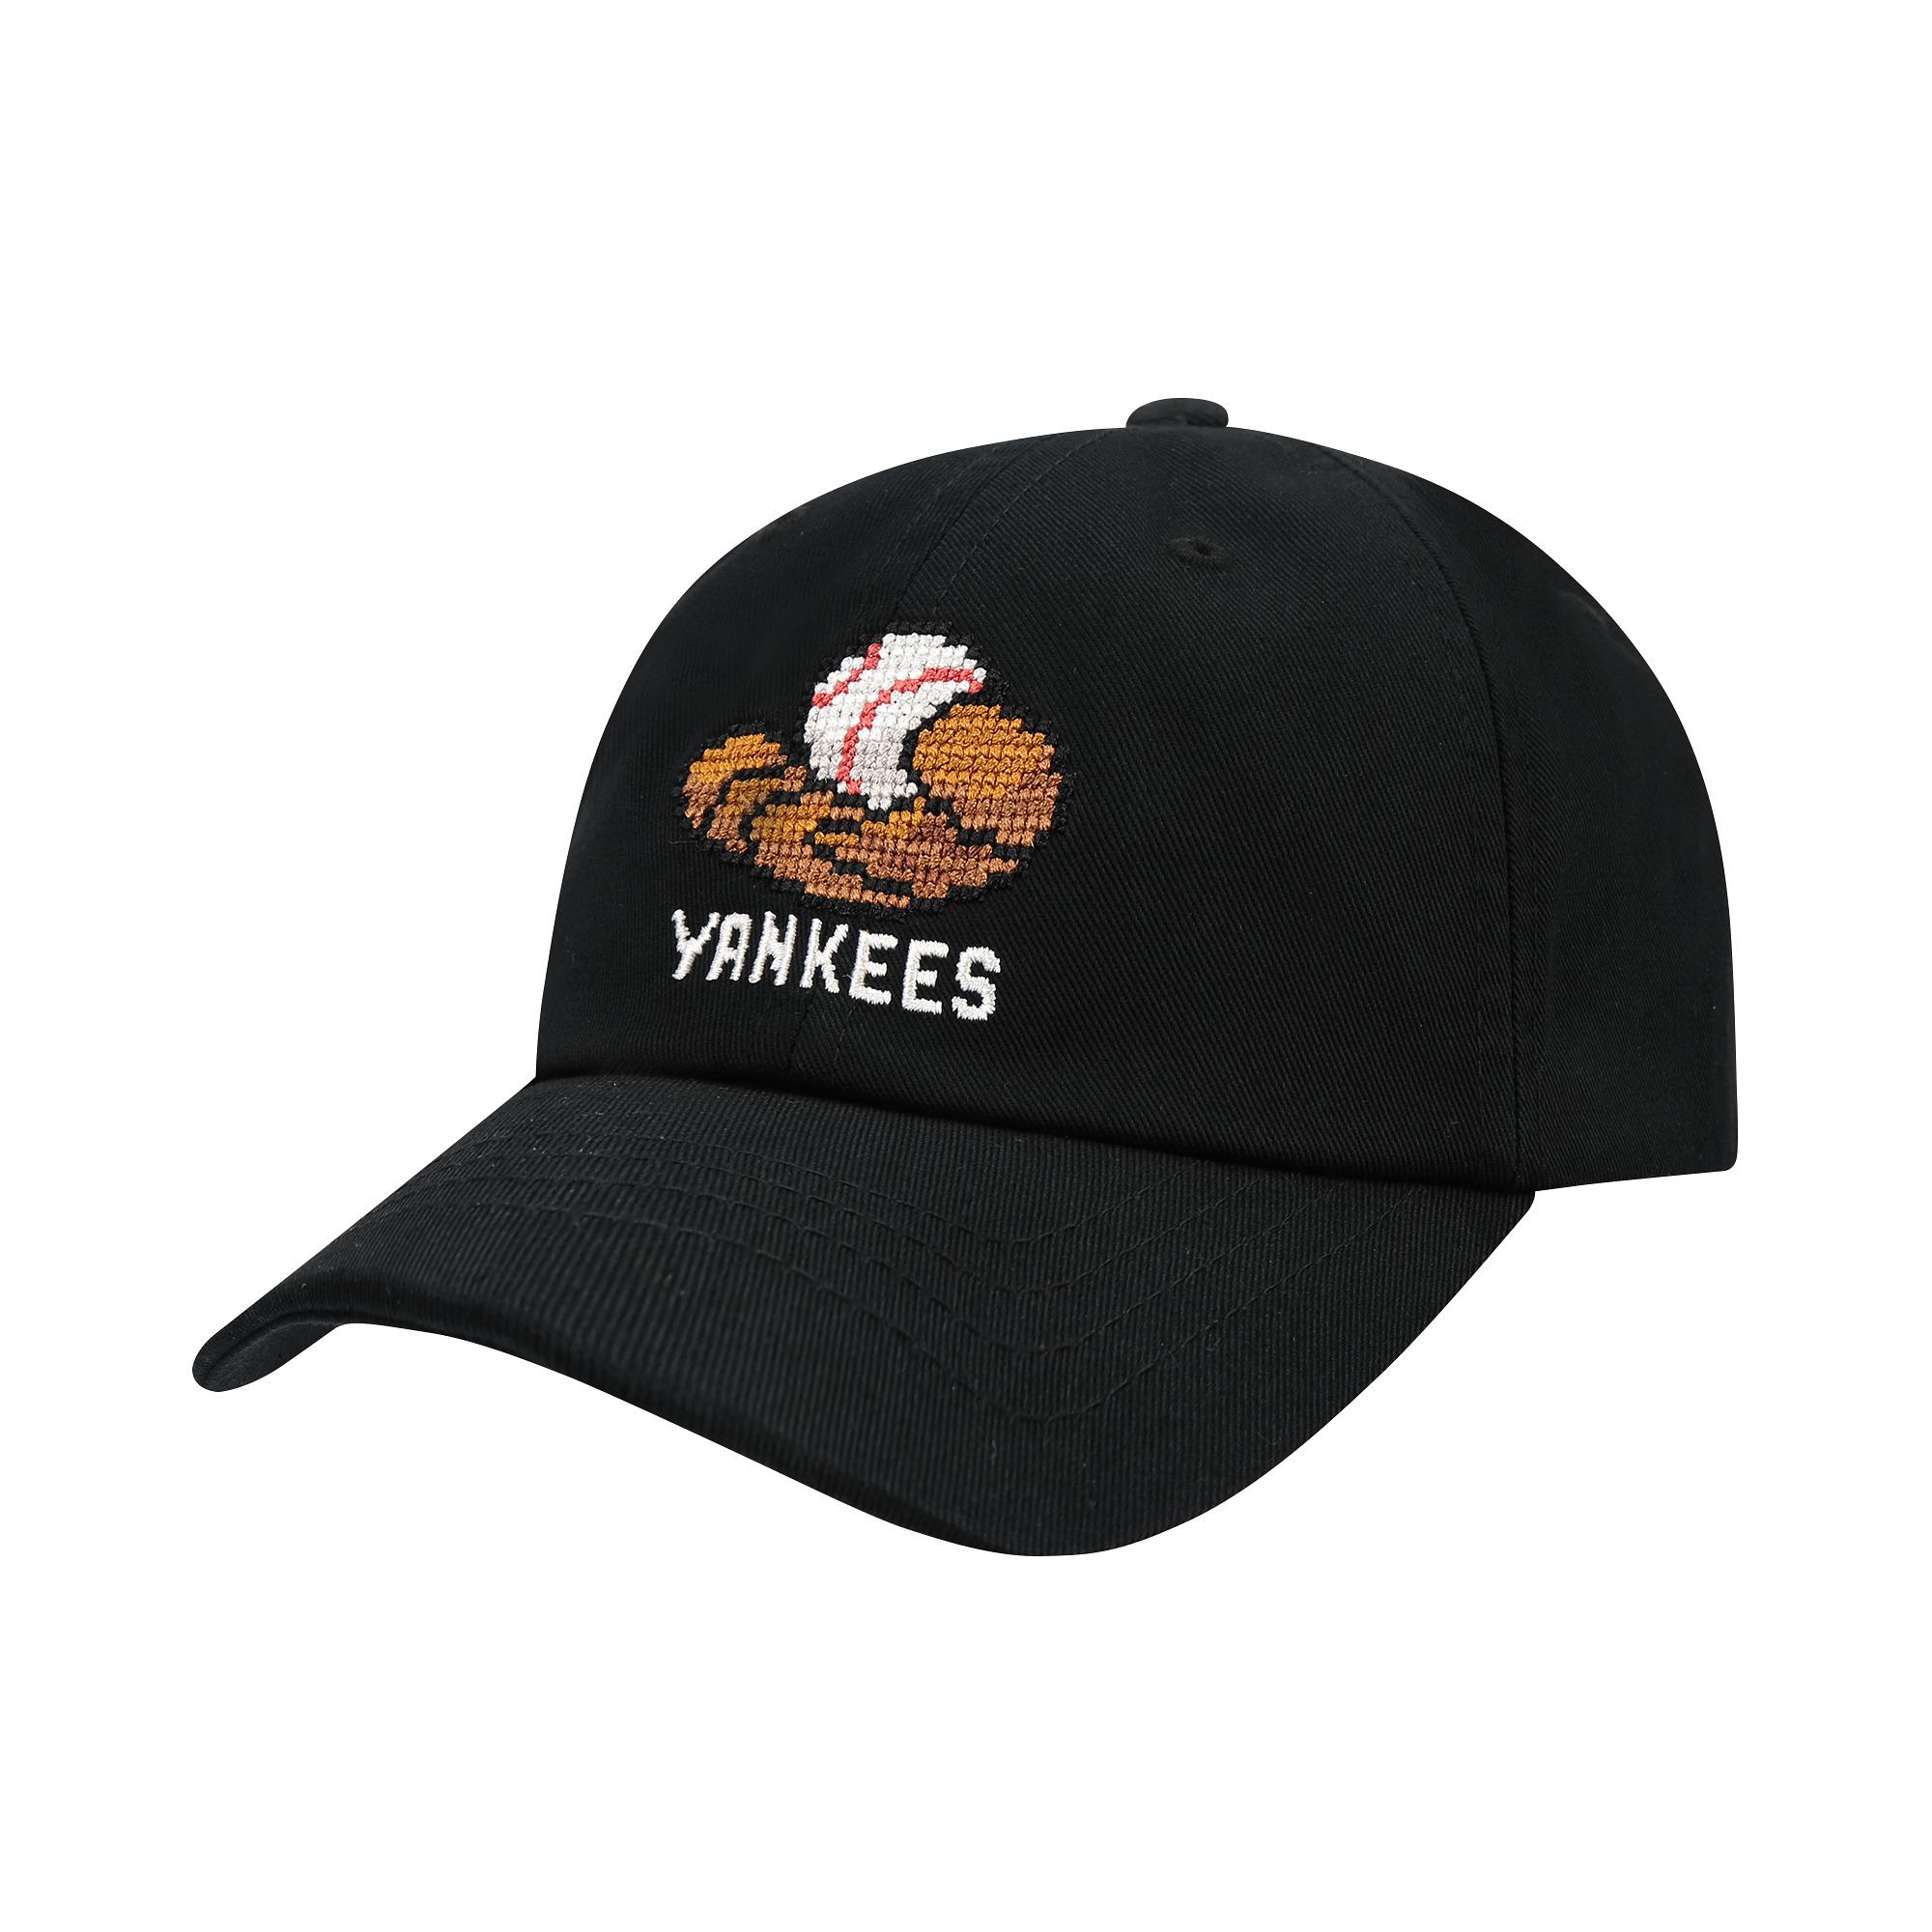 패밀리 게임 슬라이더 커브 뉴욕 양키스